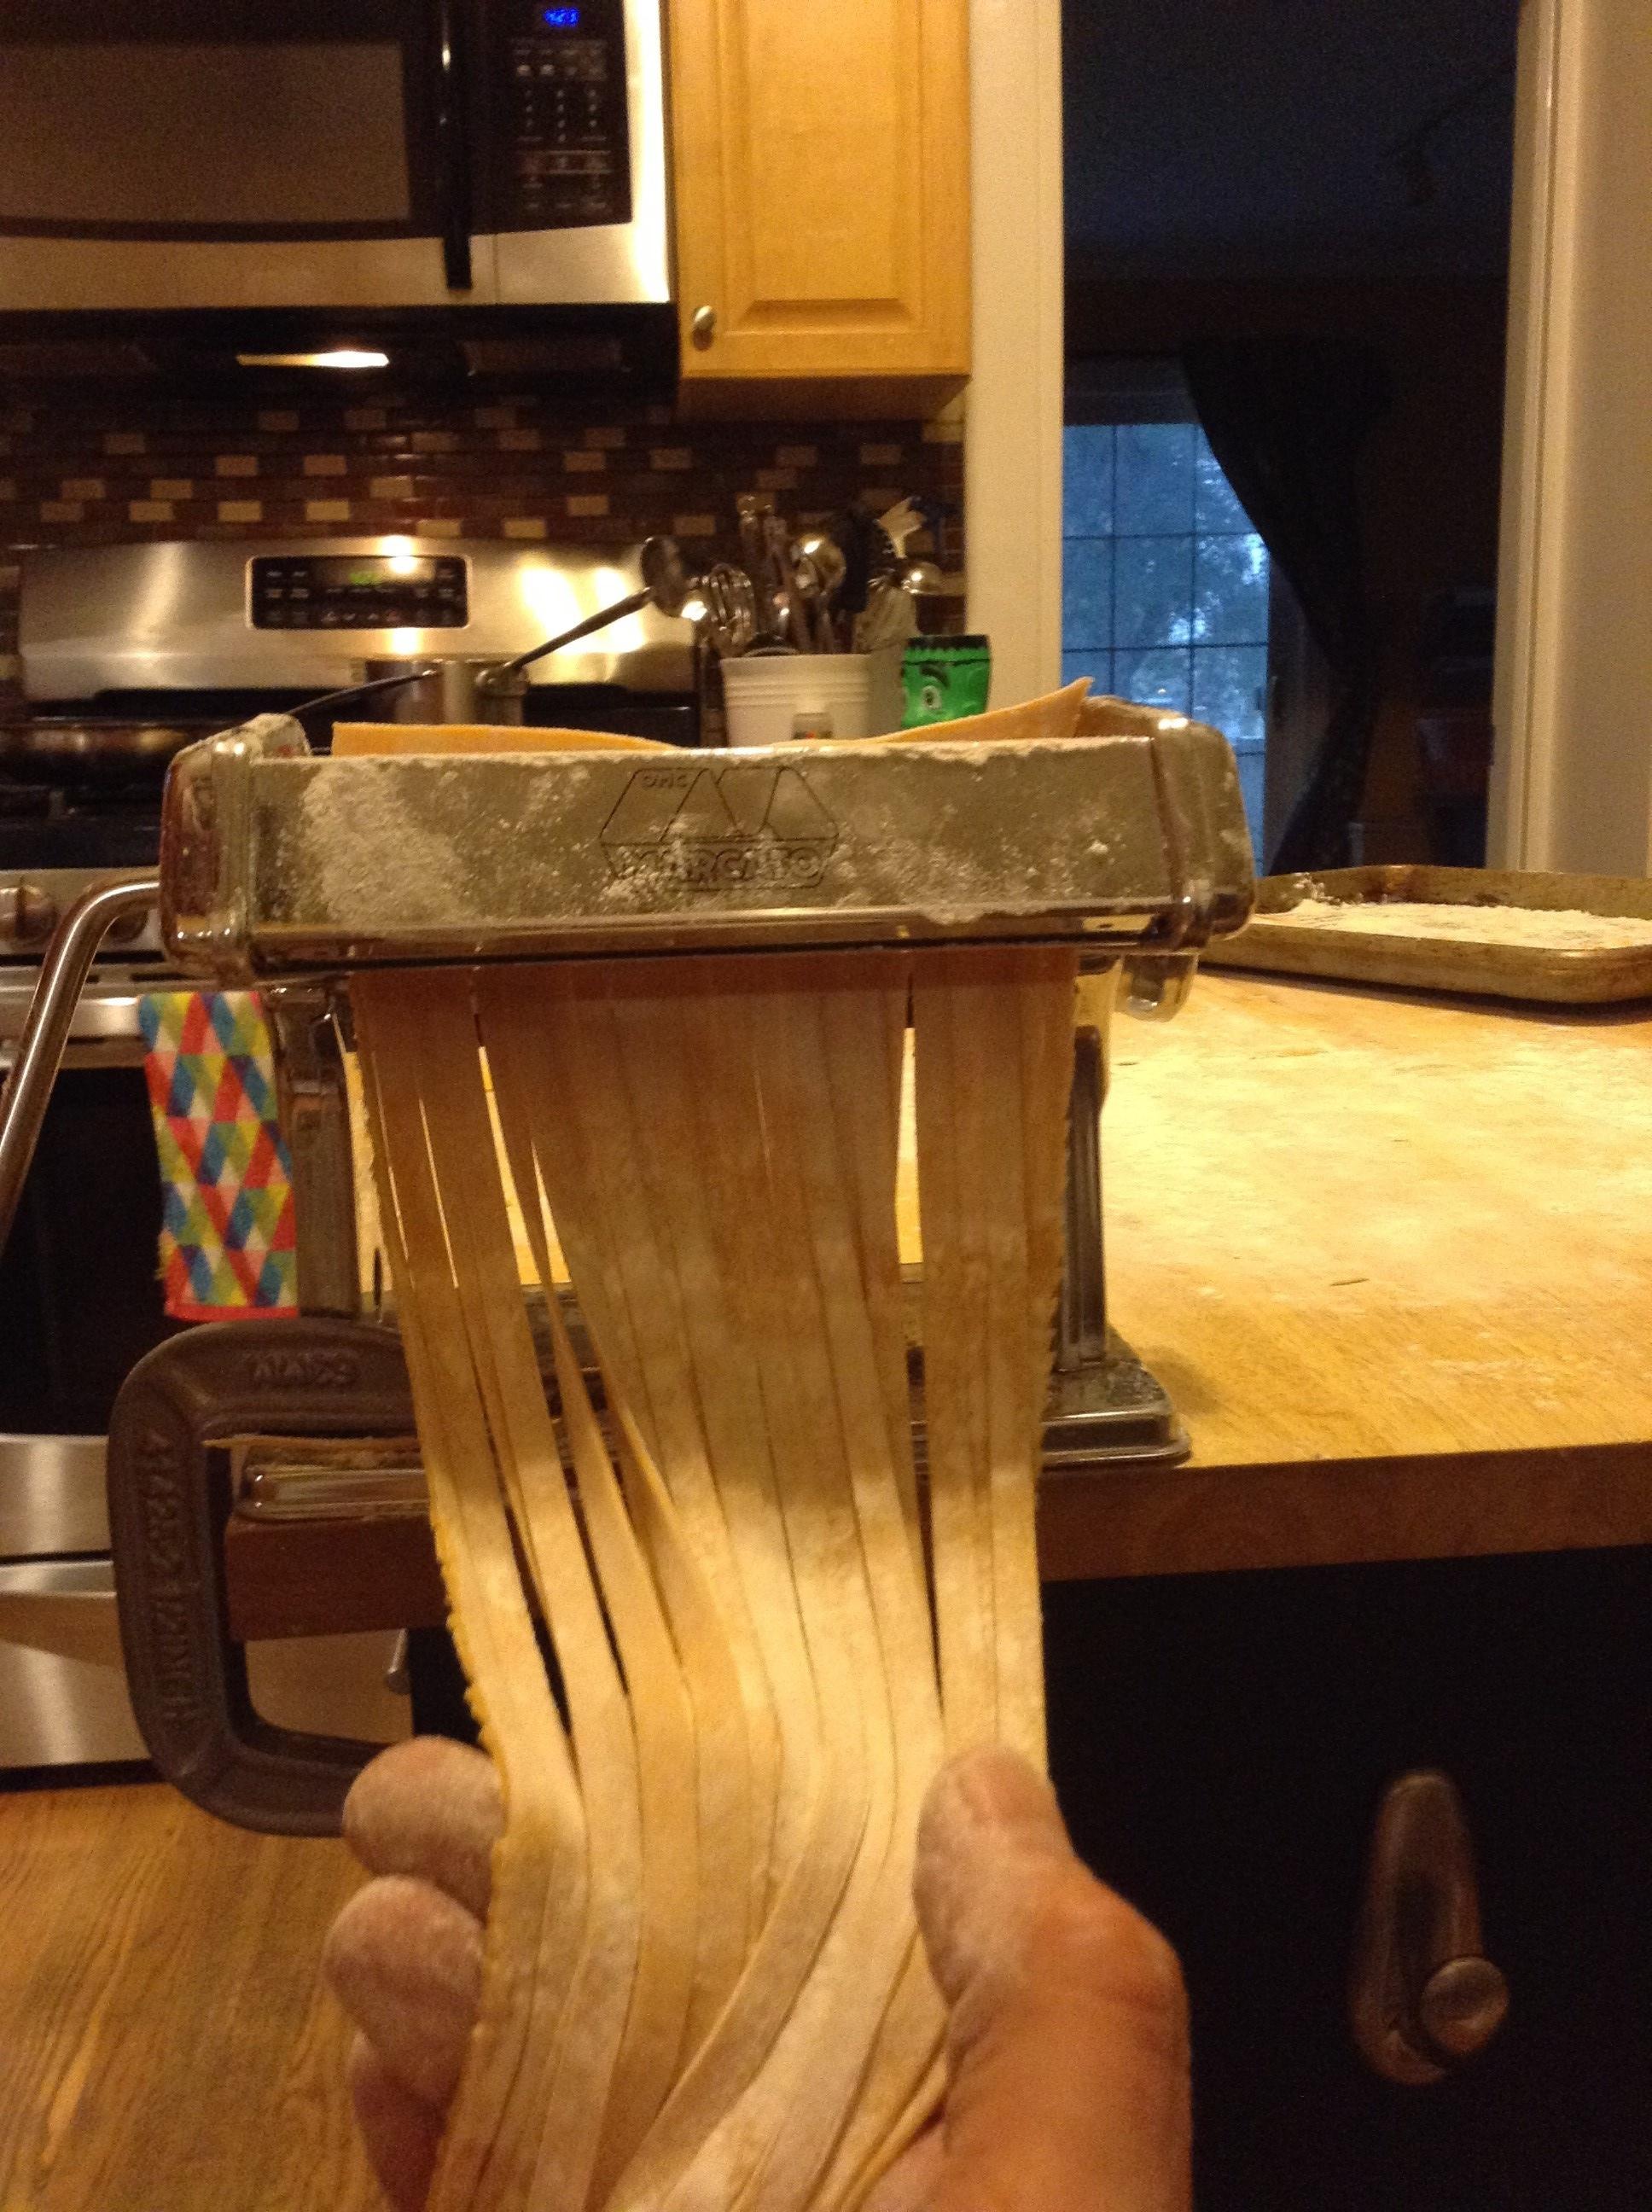 pasta dough noodles